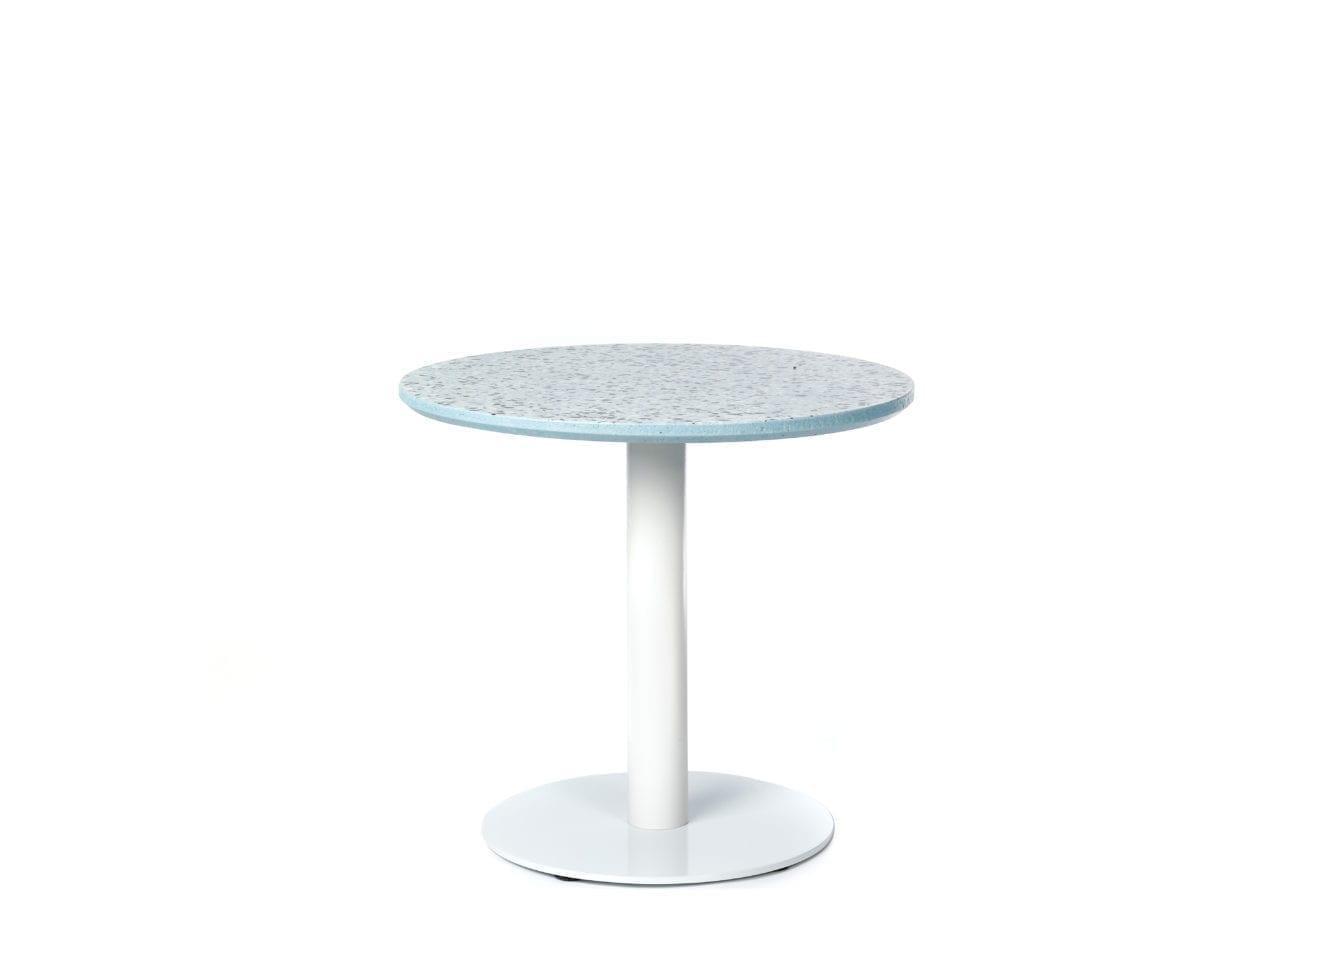 terrazzo-bleu-2-table-bentu-design